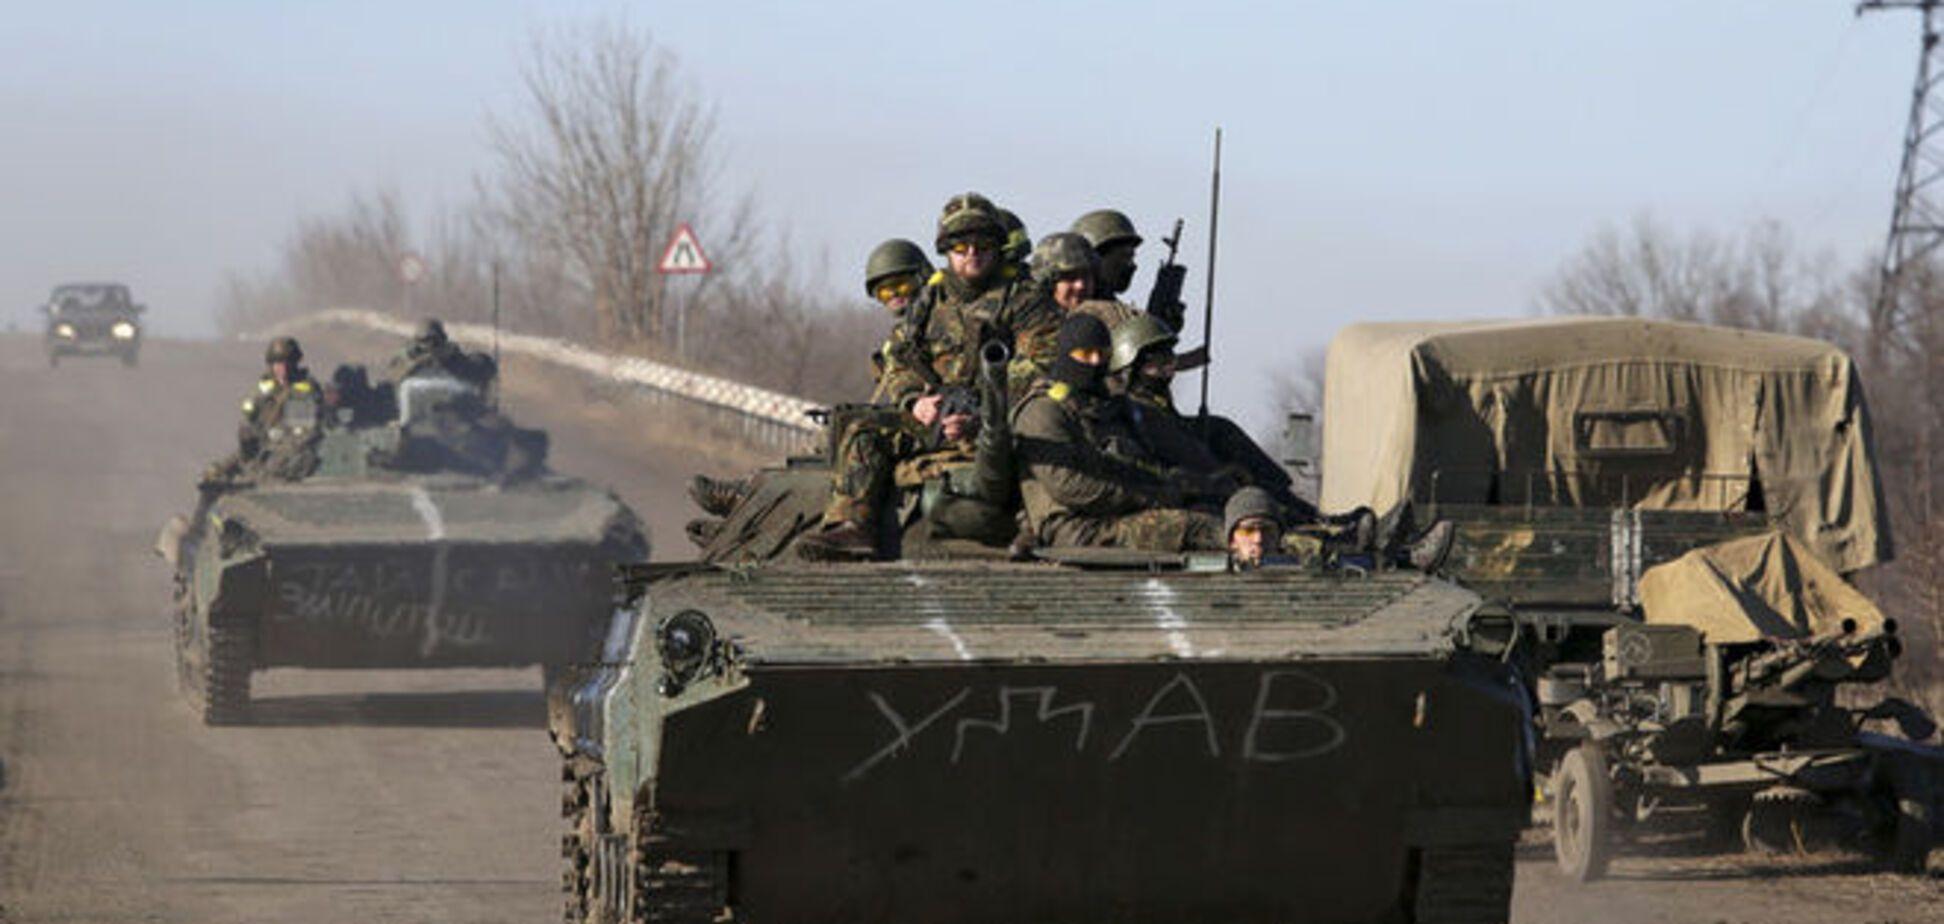 Волонтер Касьянов рассказал, как командование АТО занижает потери украинской армии